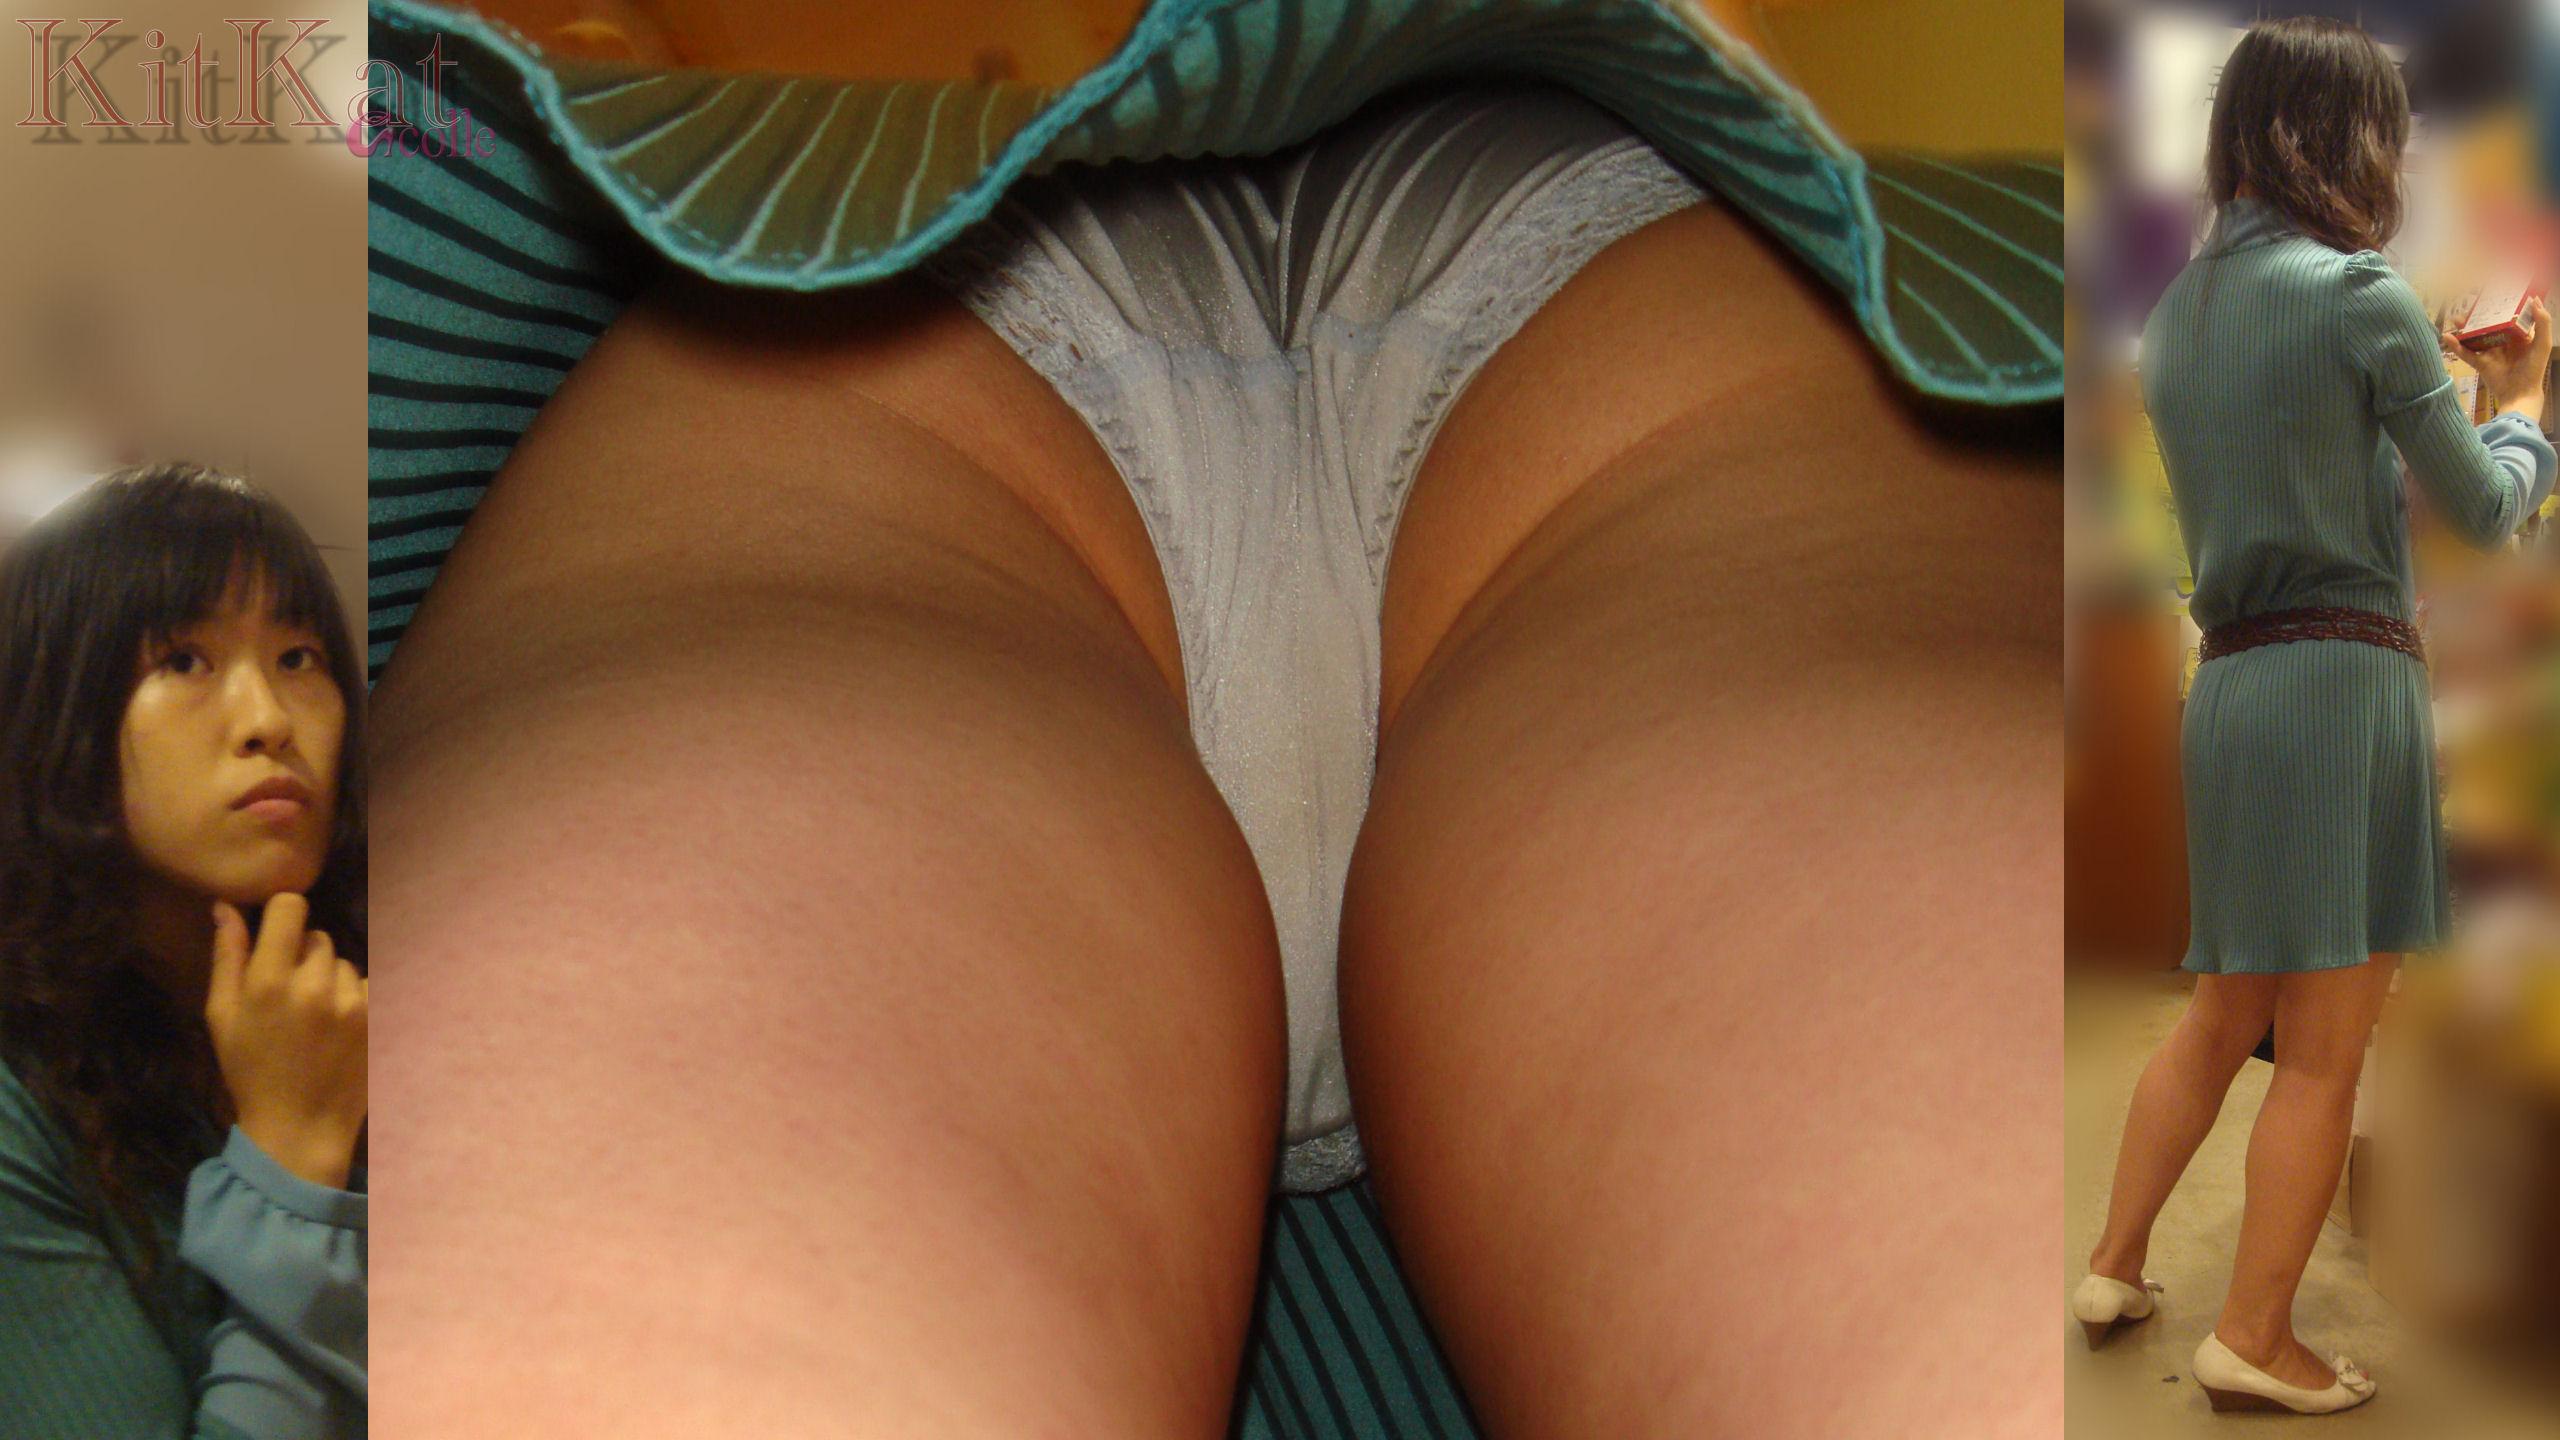 【パンチラ画像】下着覗かれた上にシミや汚れまで暴かれてもう赤っ恥www逆さパンチラ画像 17